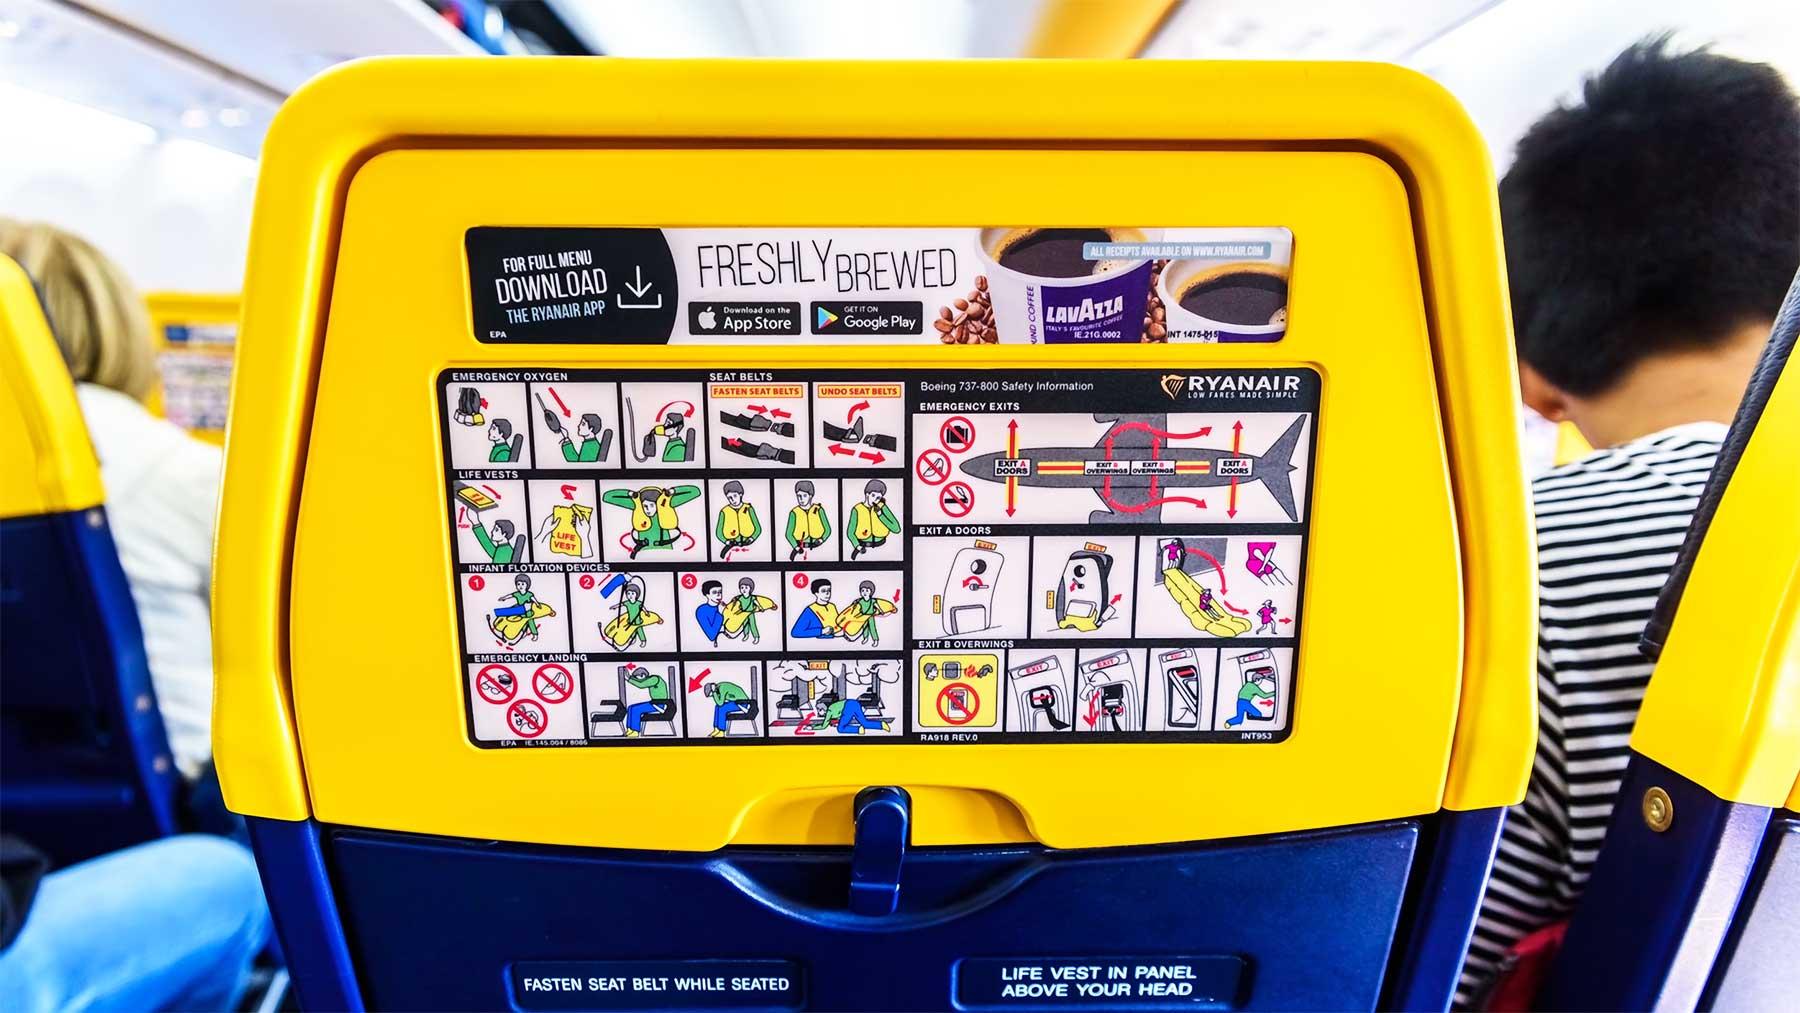 Das Design der Sicherheitshinweise von Ryanair ist ziemlich seltsam…